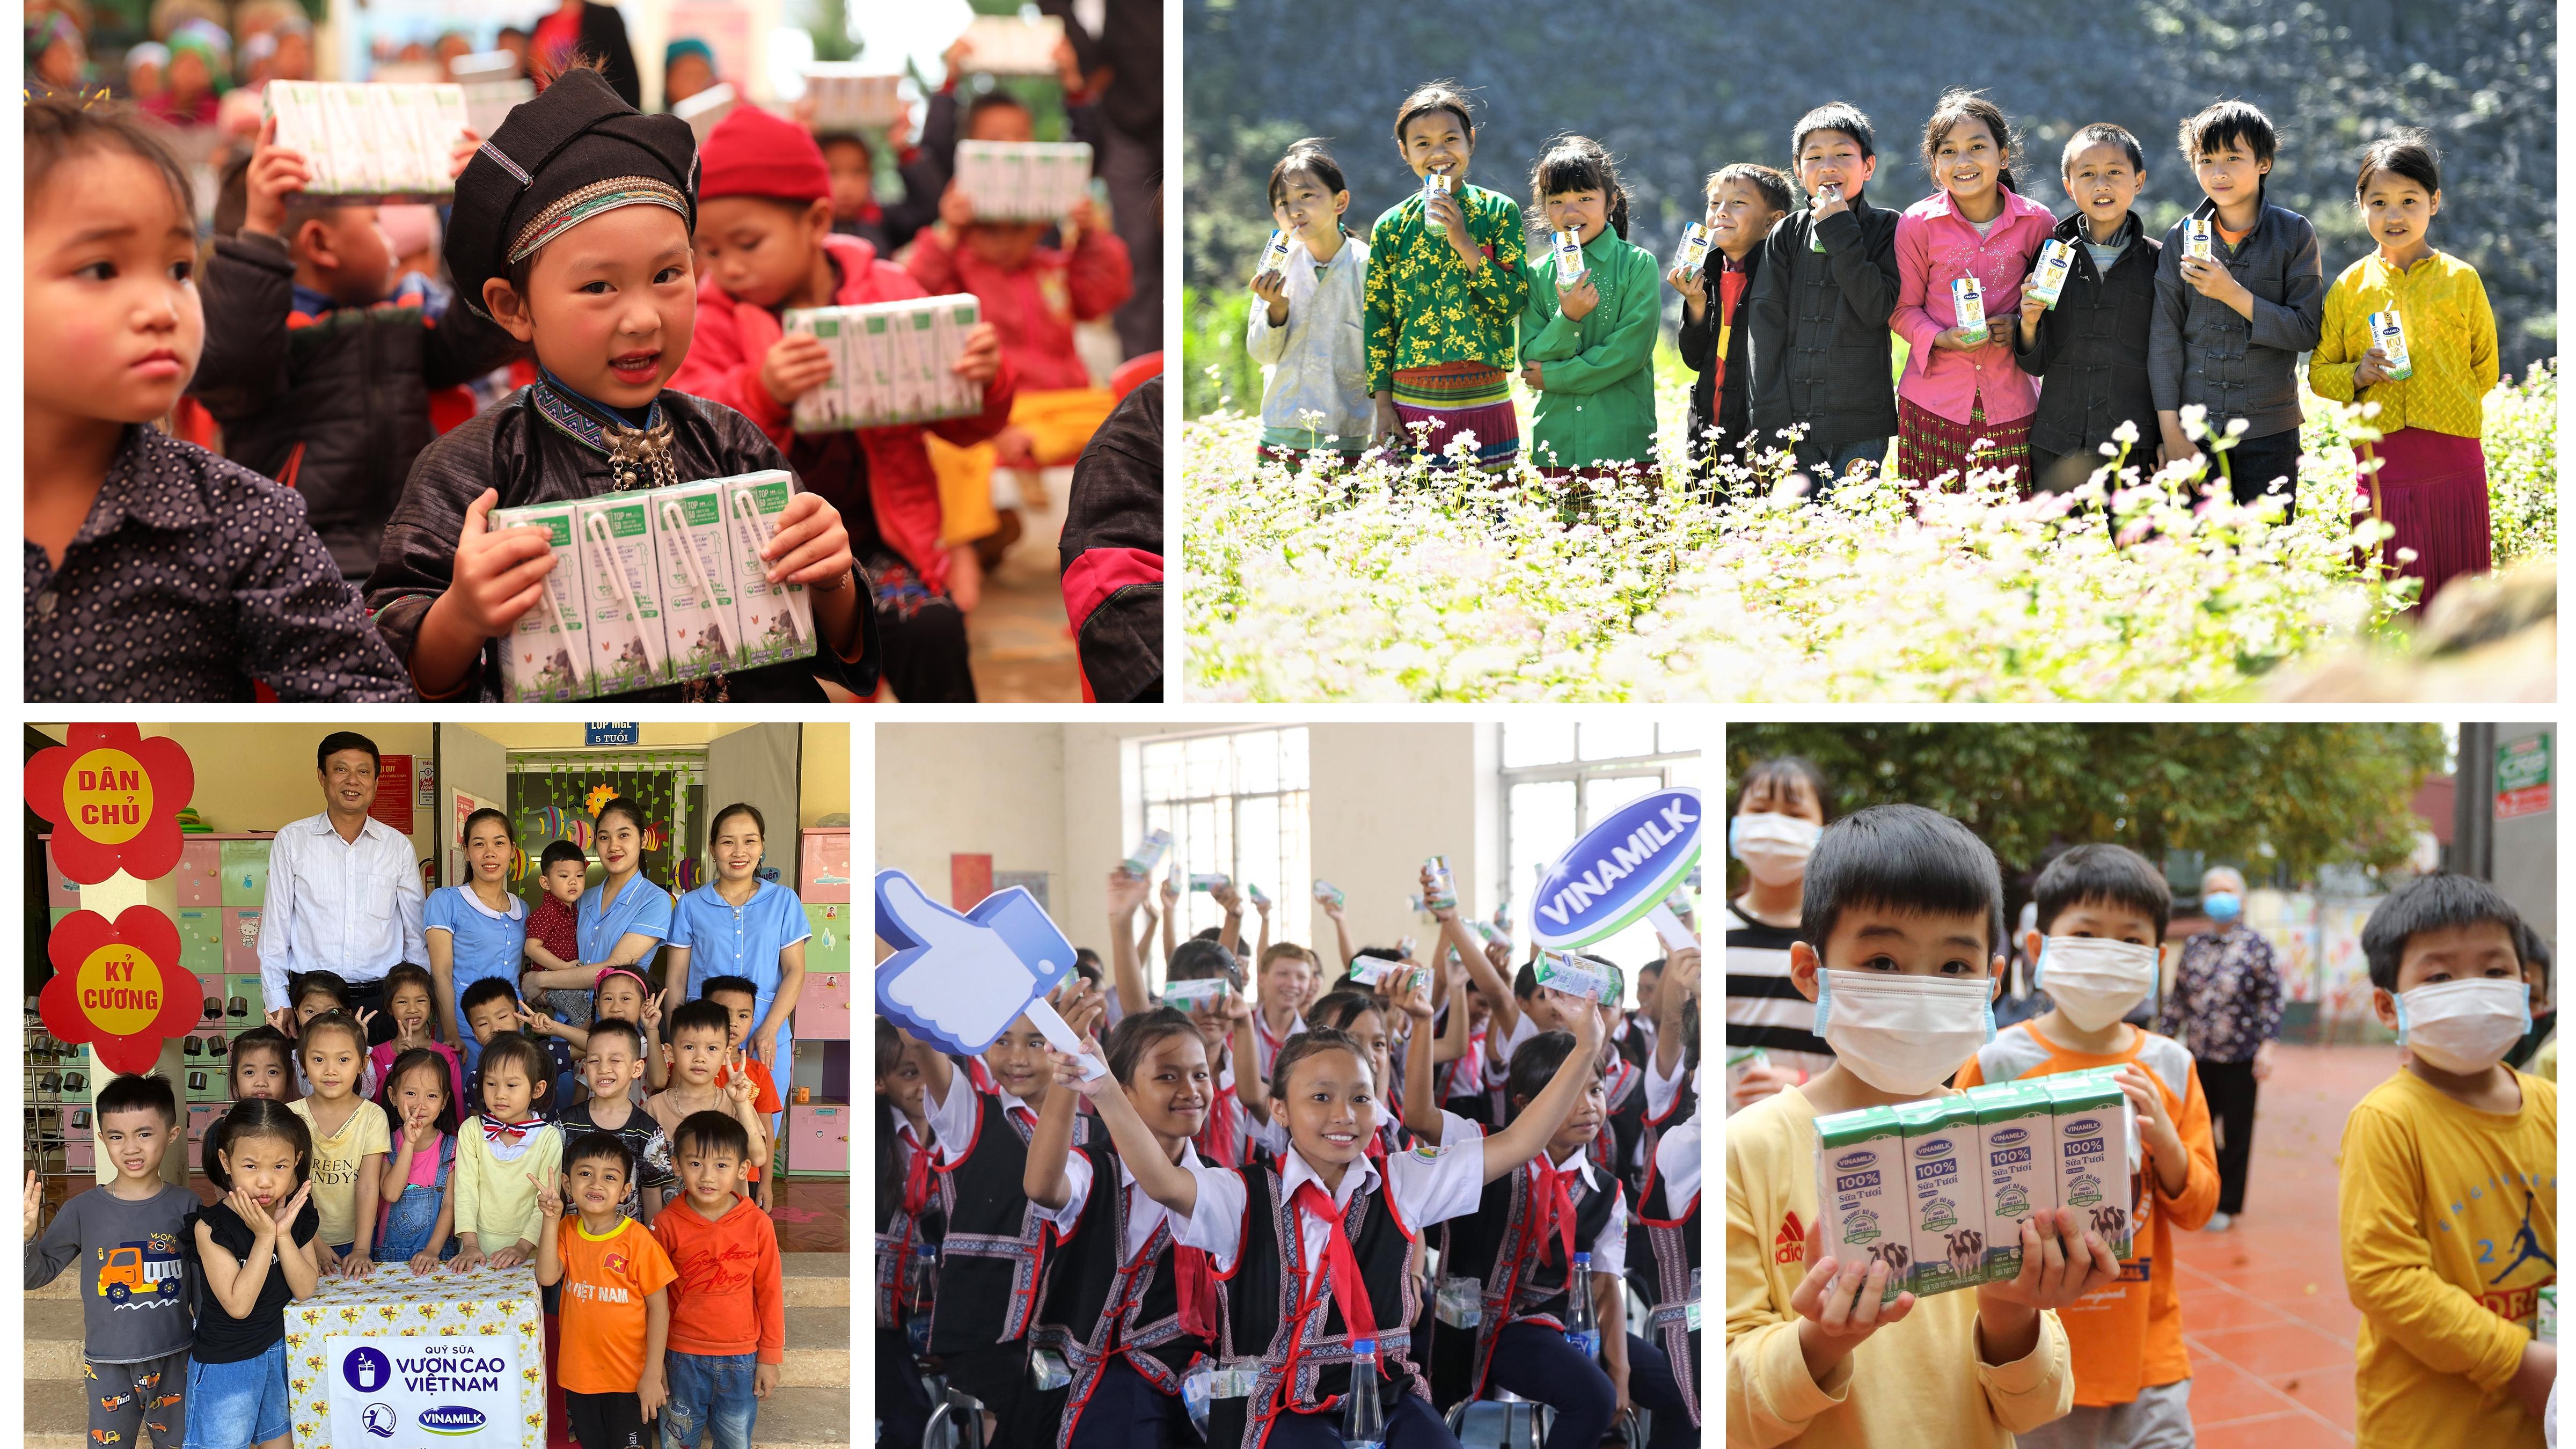 """Nhân kỷ niệm 45 năm thành lập, Vinamilk và Quỹ Sữa Vươn Cao Việt Nam khởi động hành trình 2021 với chiến dịch ý nghĩa """"Triệu ly sữa yêu thương, triệu nụ cười hạnh phúc"""""""